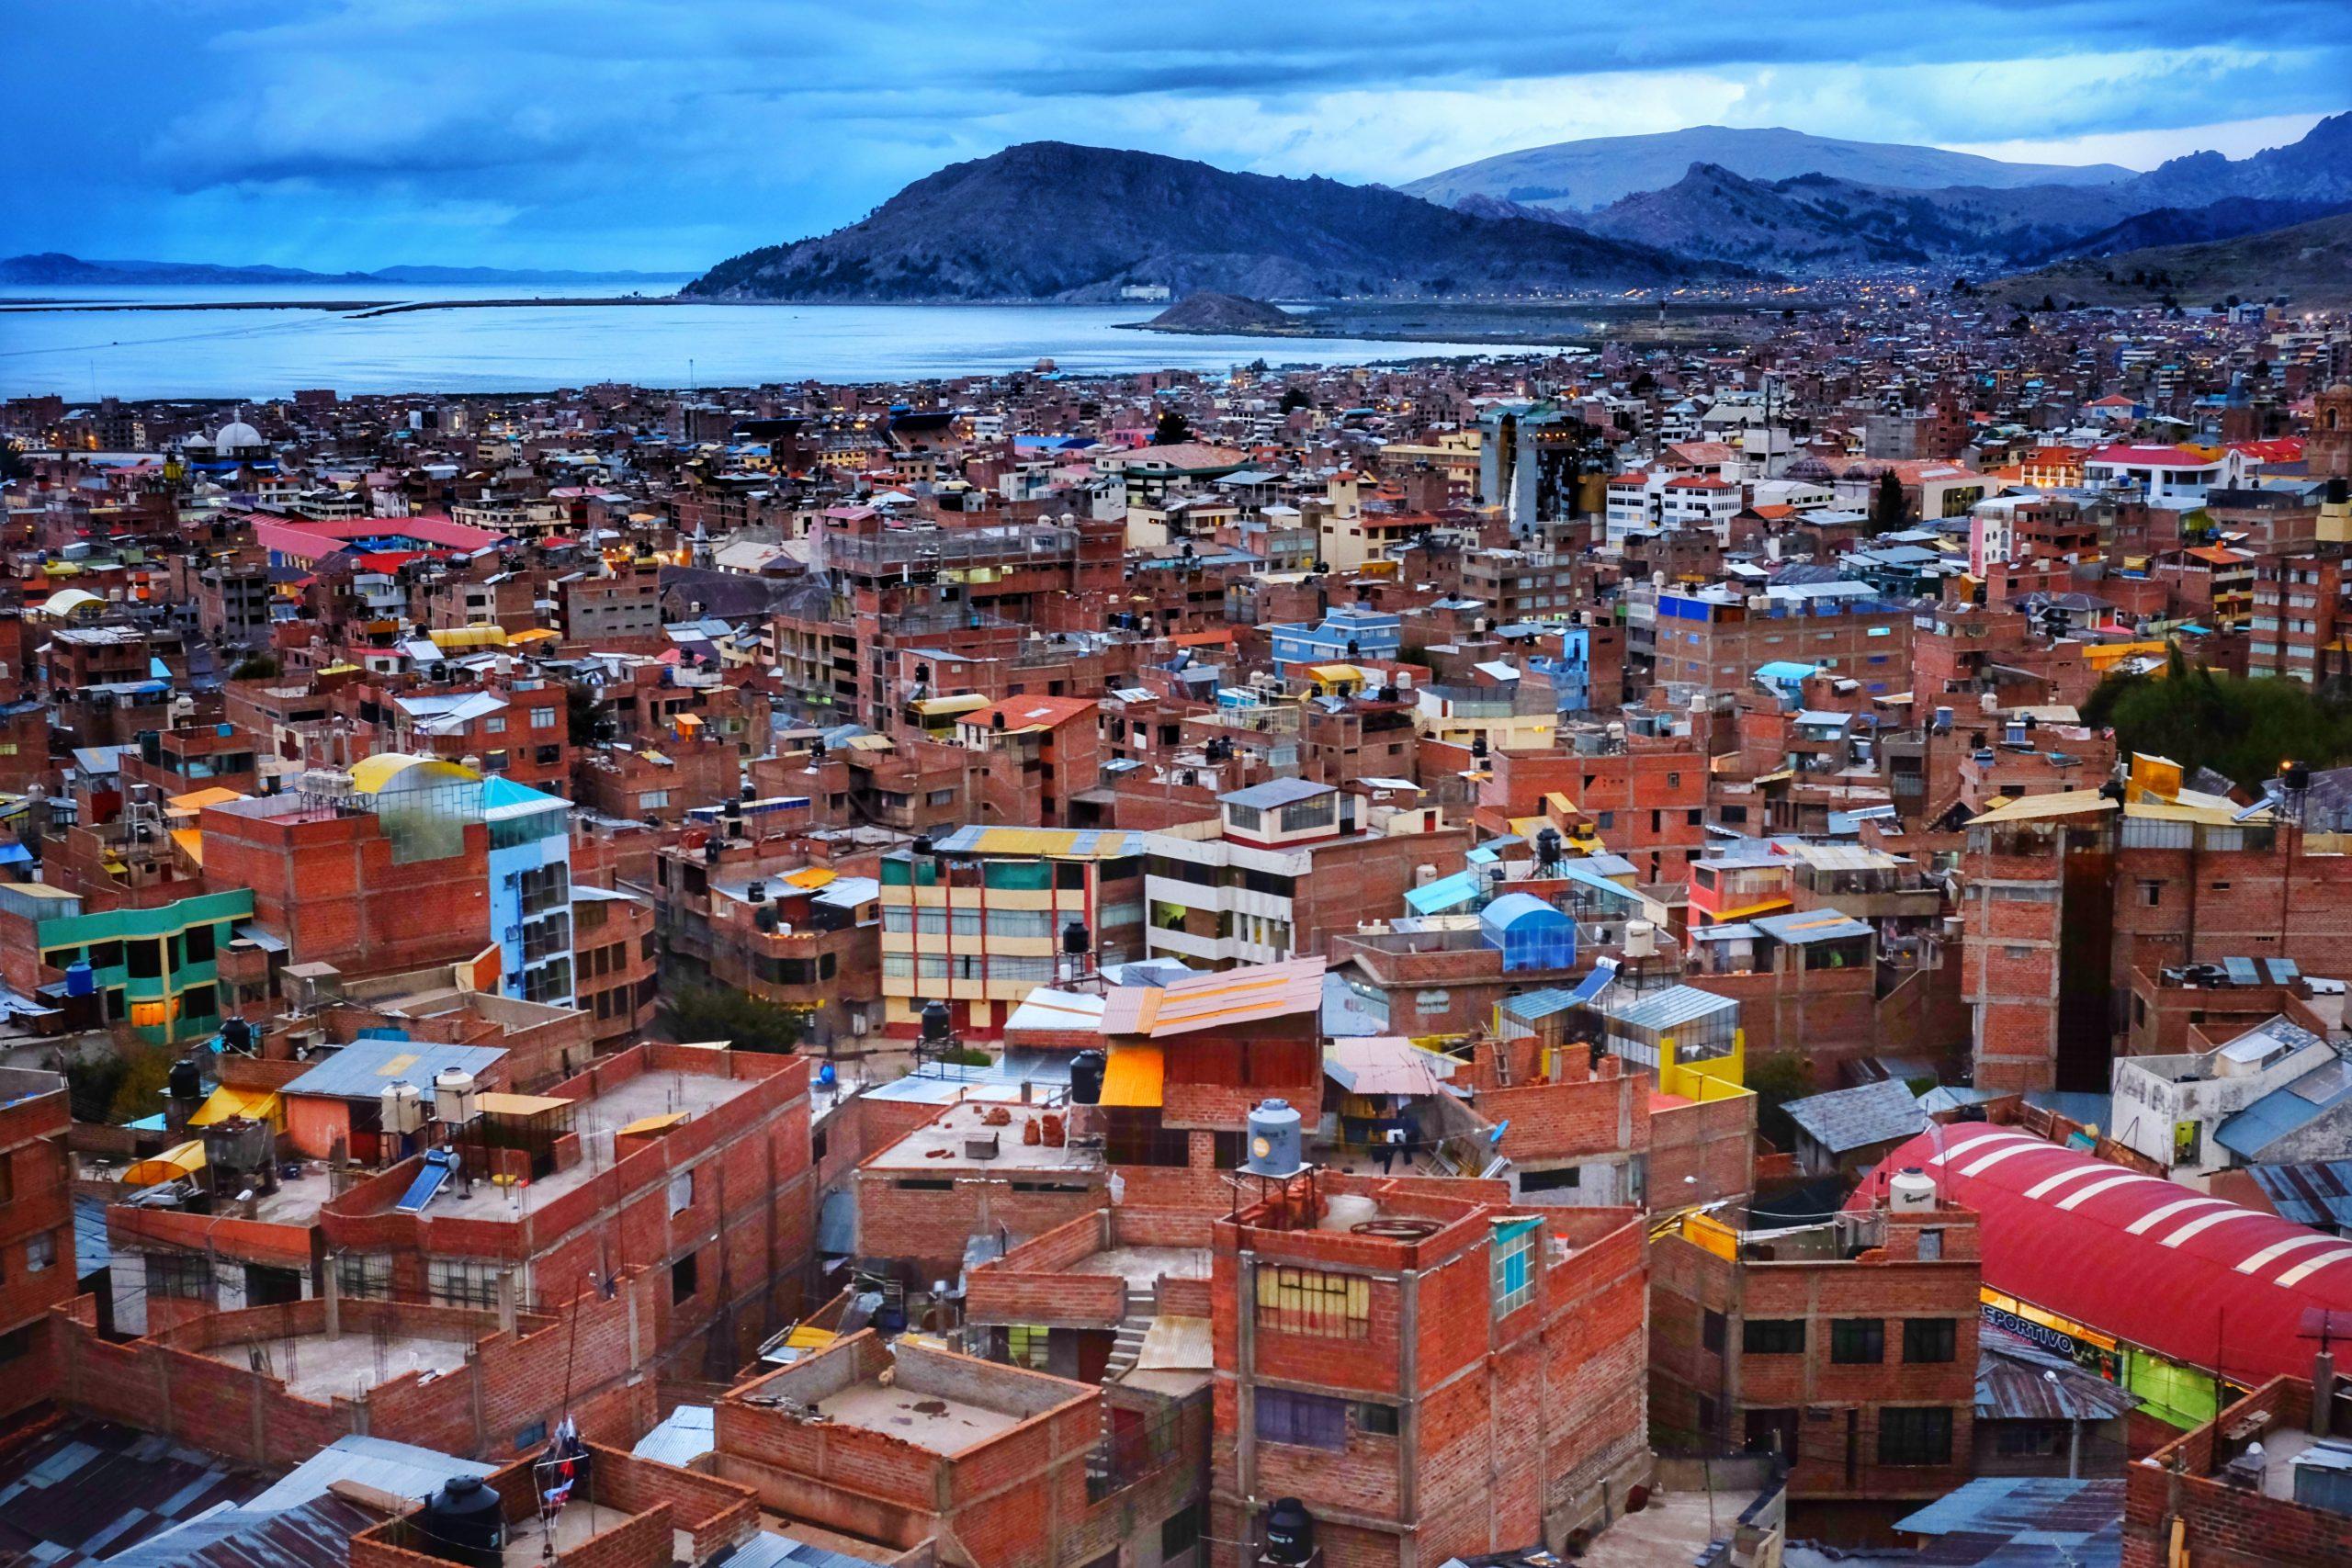 JIŽNÍ AMERIKA PERU (Titicaca)